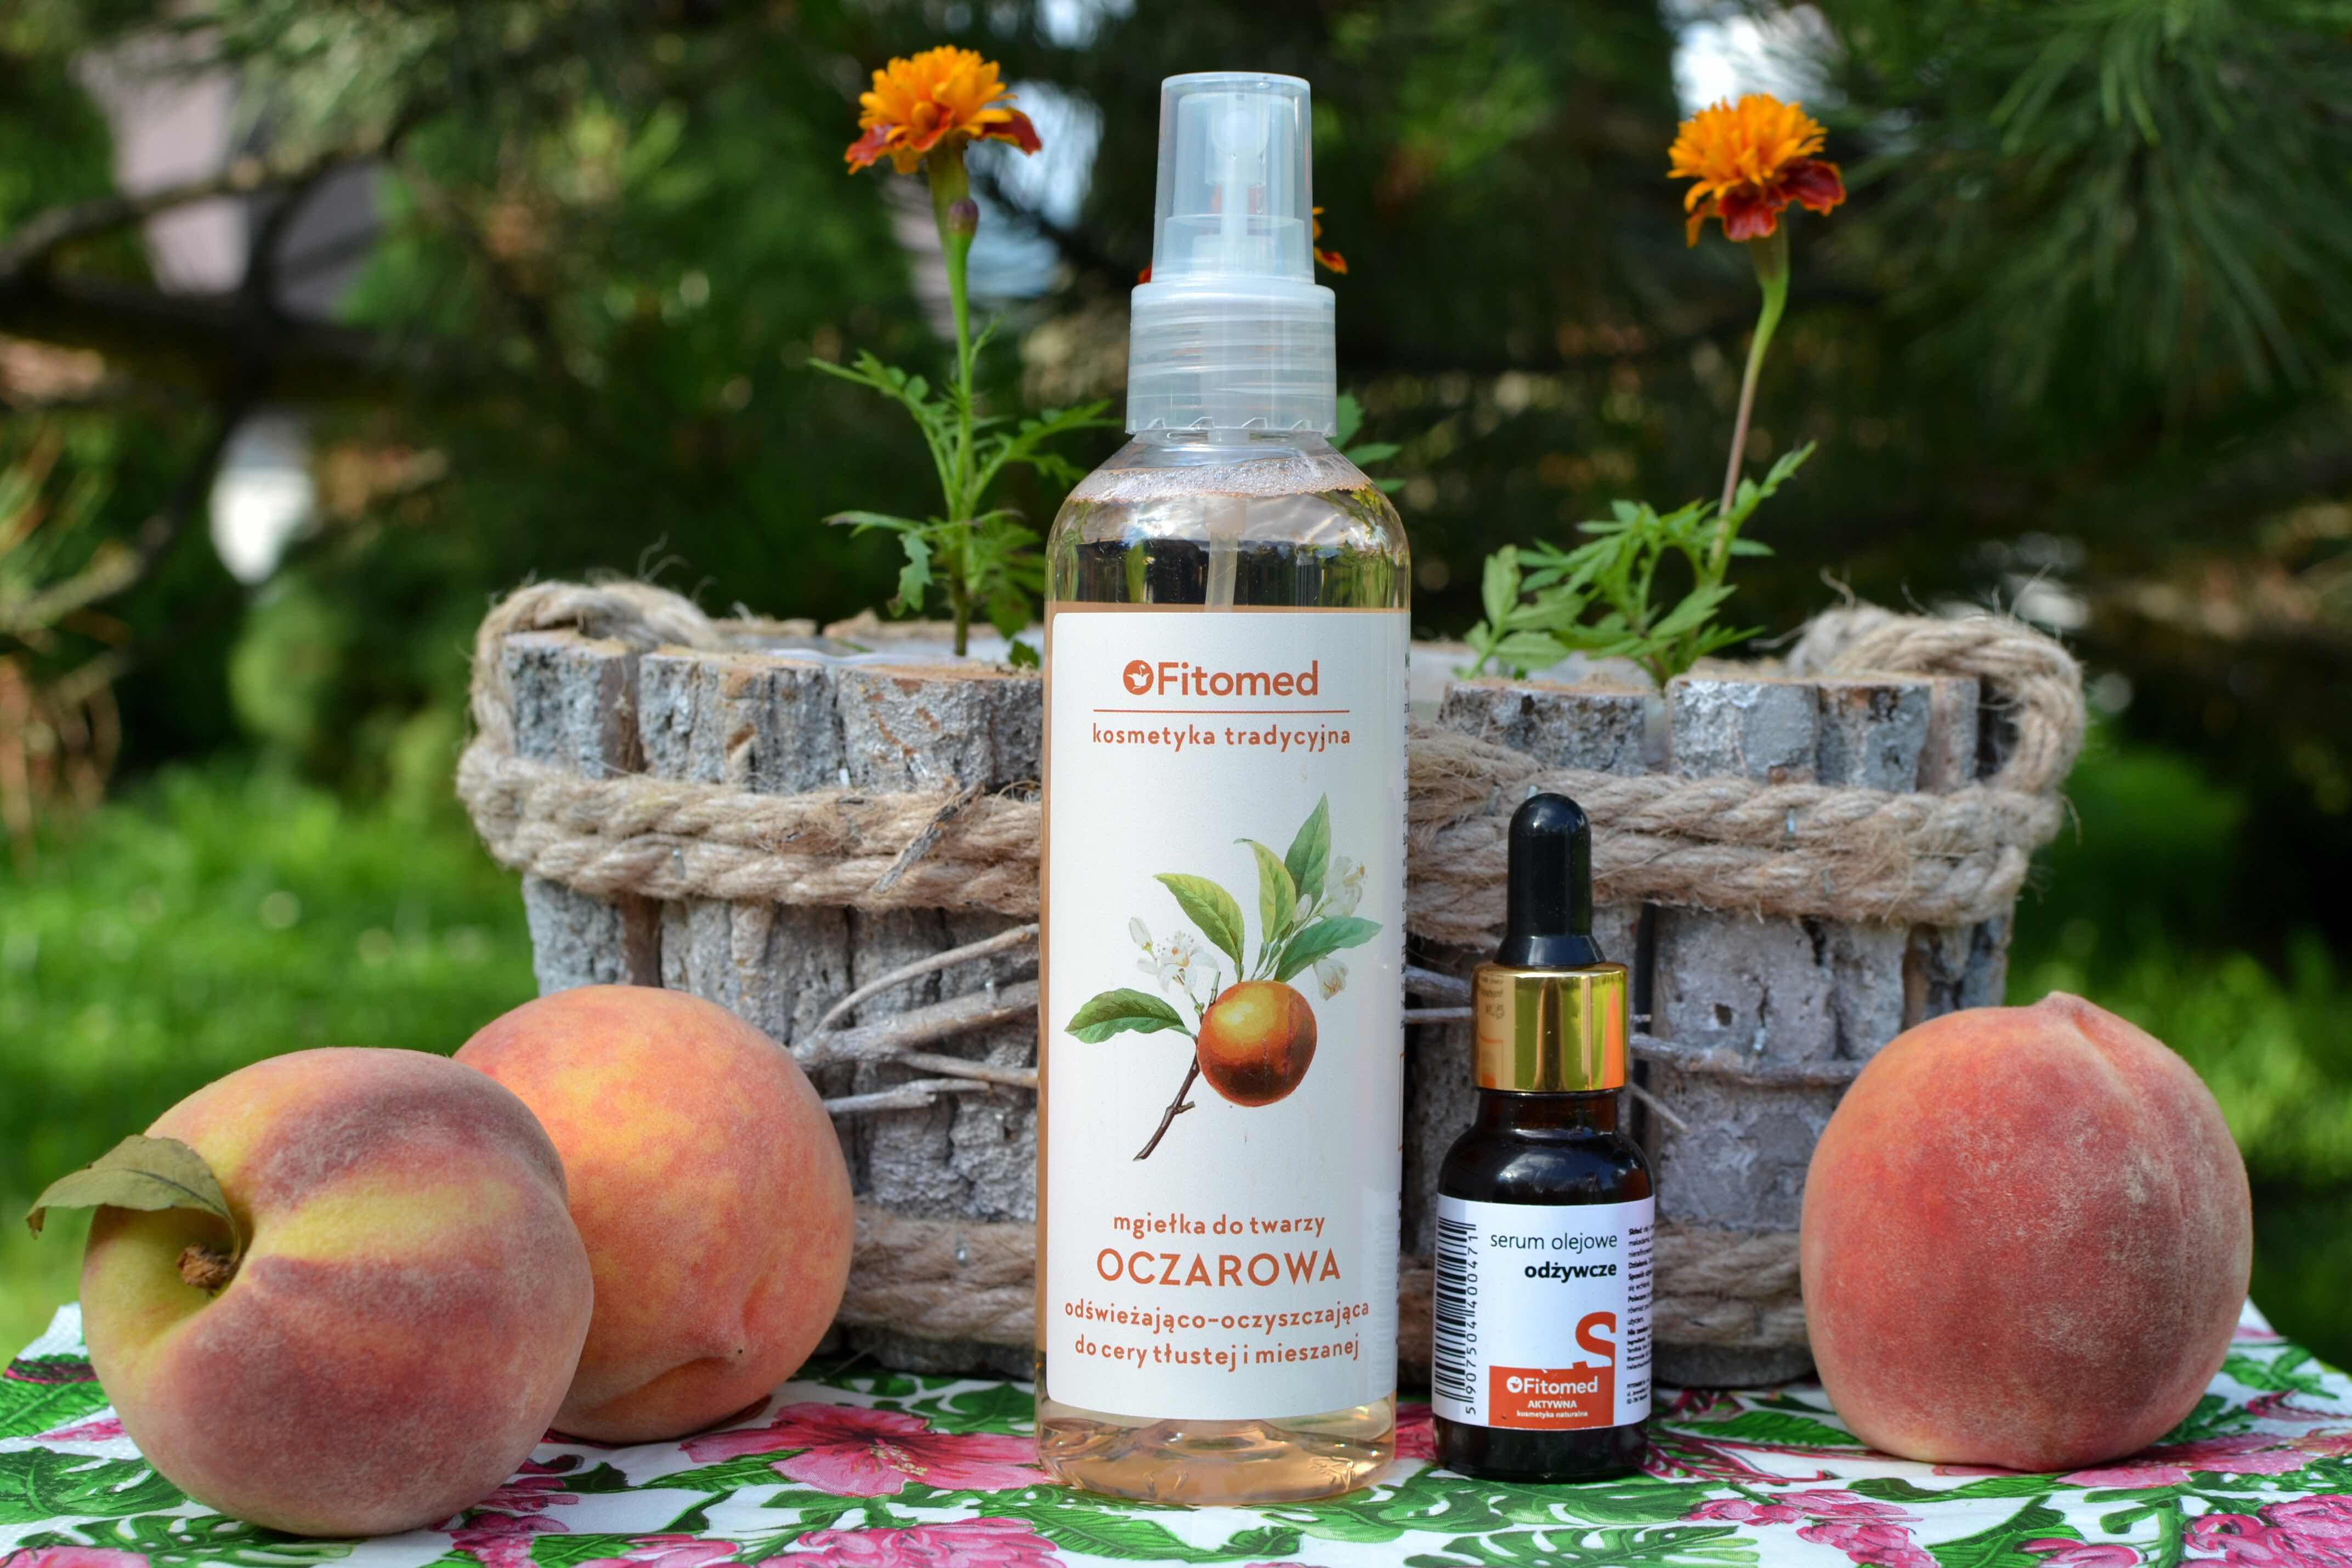 Recenzja kosmetyków FITOMED - mgiełka do twarzy & serum olejowe